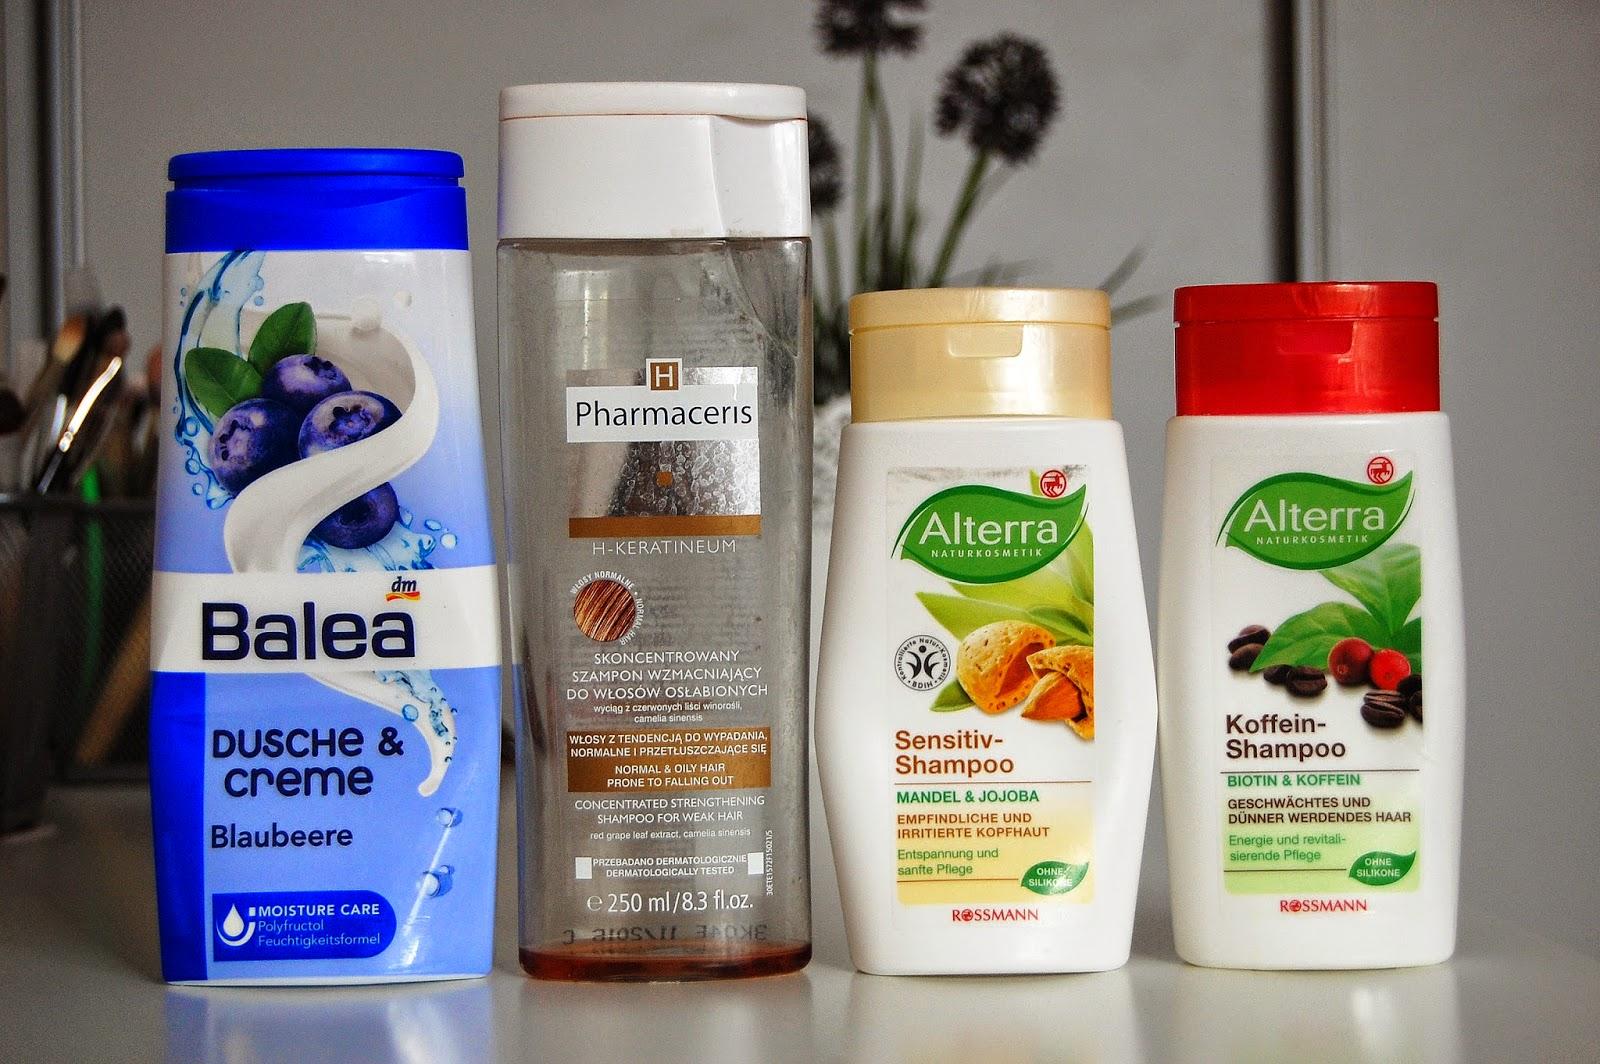 1. Balea- kremowy żel pod prysznic- kokos i nektarynka 2. Pharmaceris H, Keratineum- skoncentrowany szampon wzmacniający do włosów osłabionych 3. Alterra - Łagodny szampon dla wrażliwej i podrażnionej skóry głowy- migdały i jojoba 4. Alterra- Szampon do włosów osłabionych i przerzedzających się- biotyna i kofeina